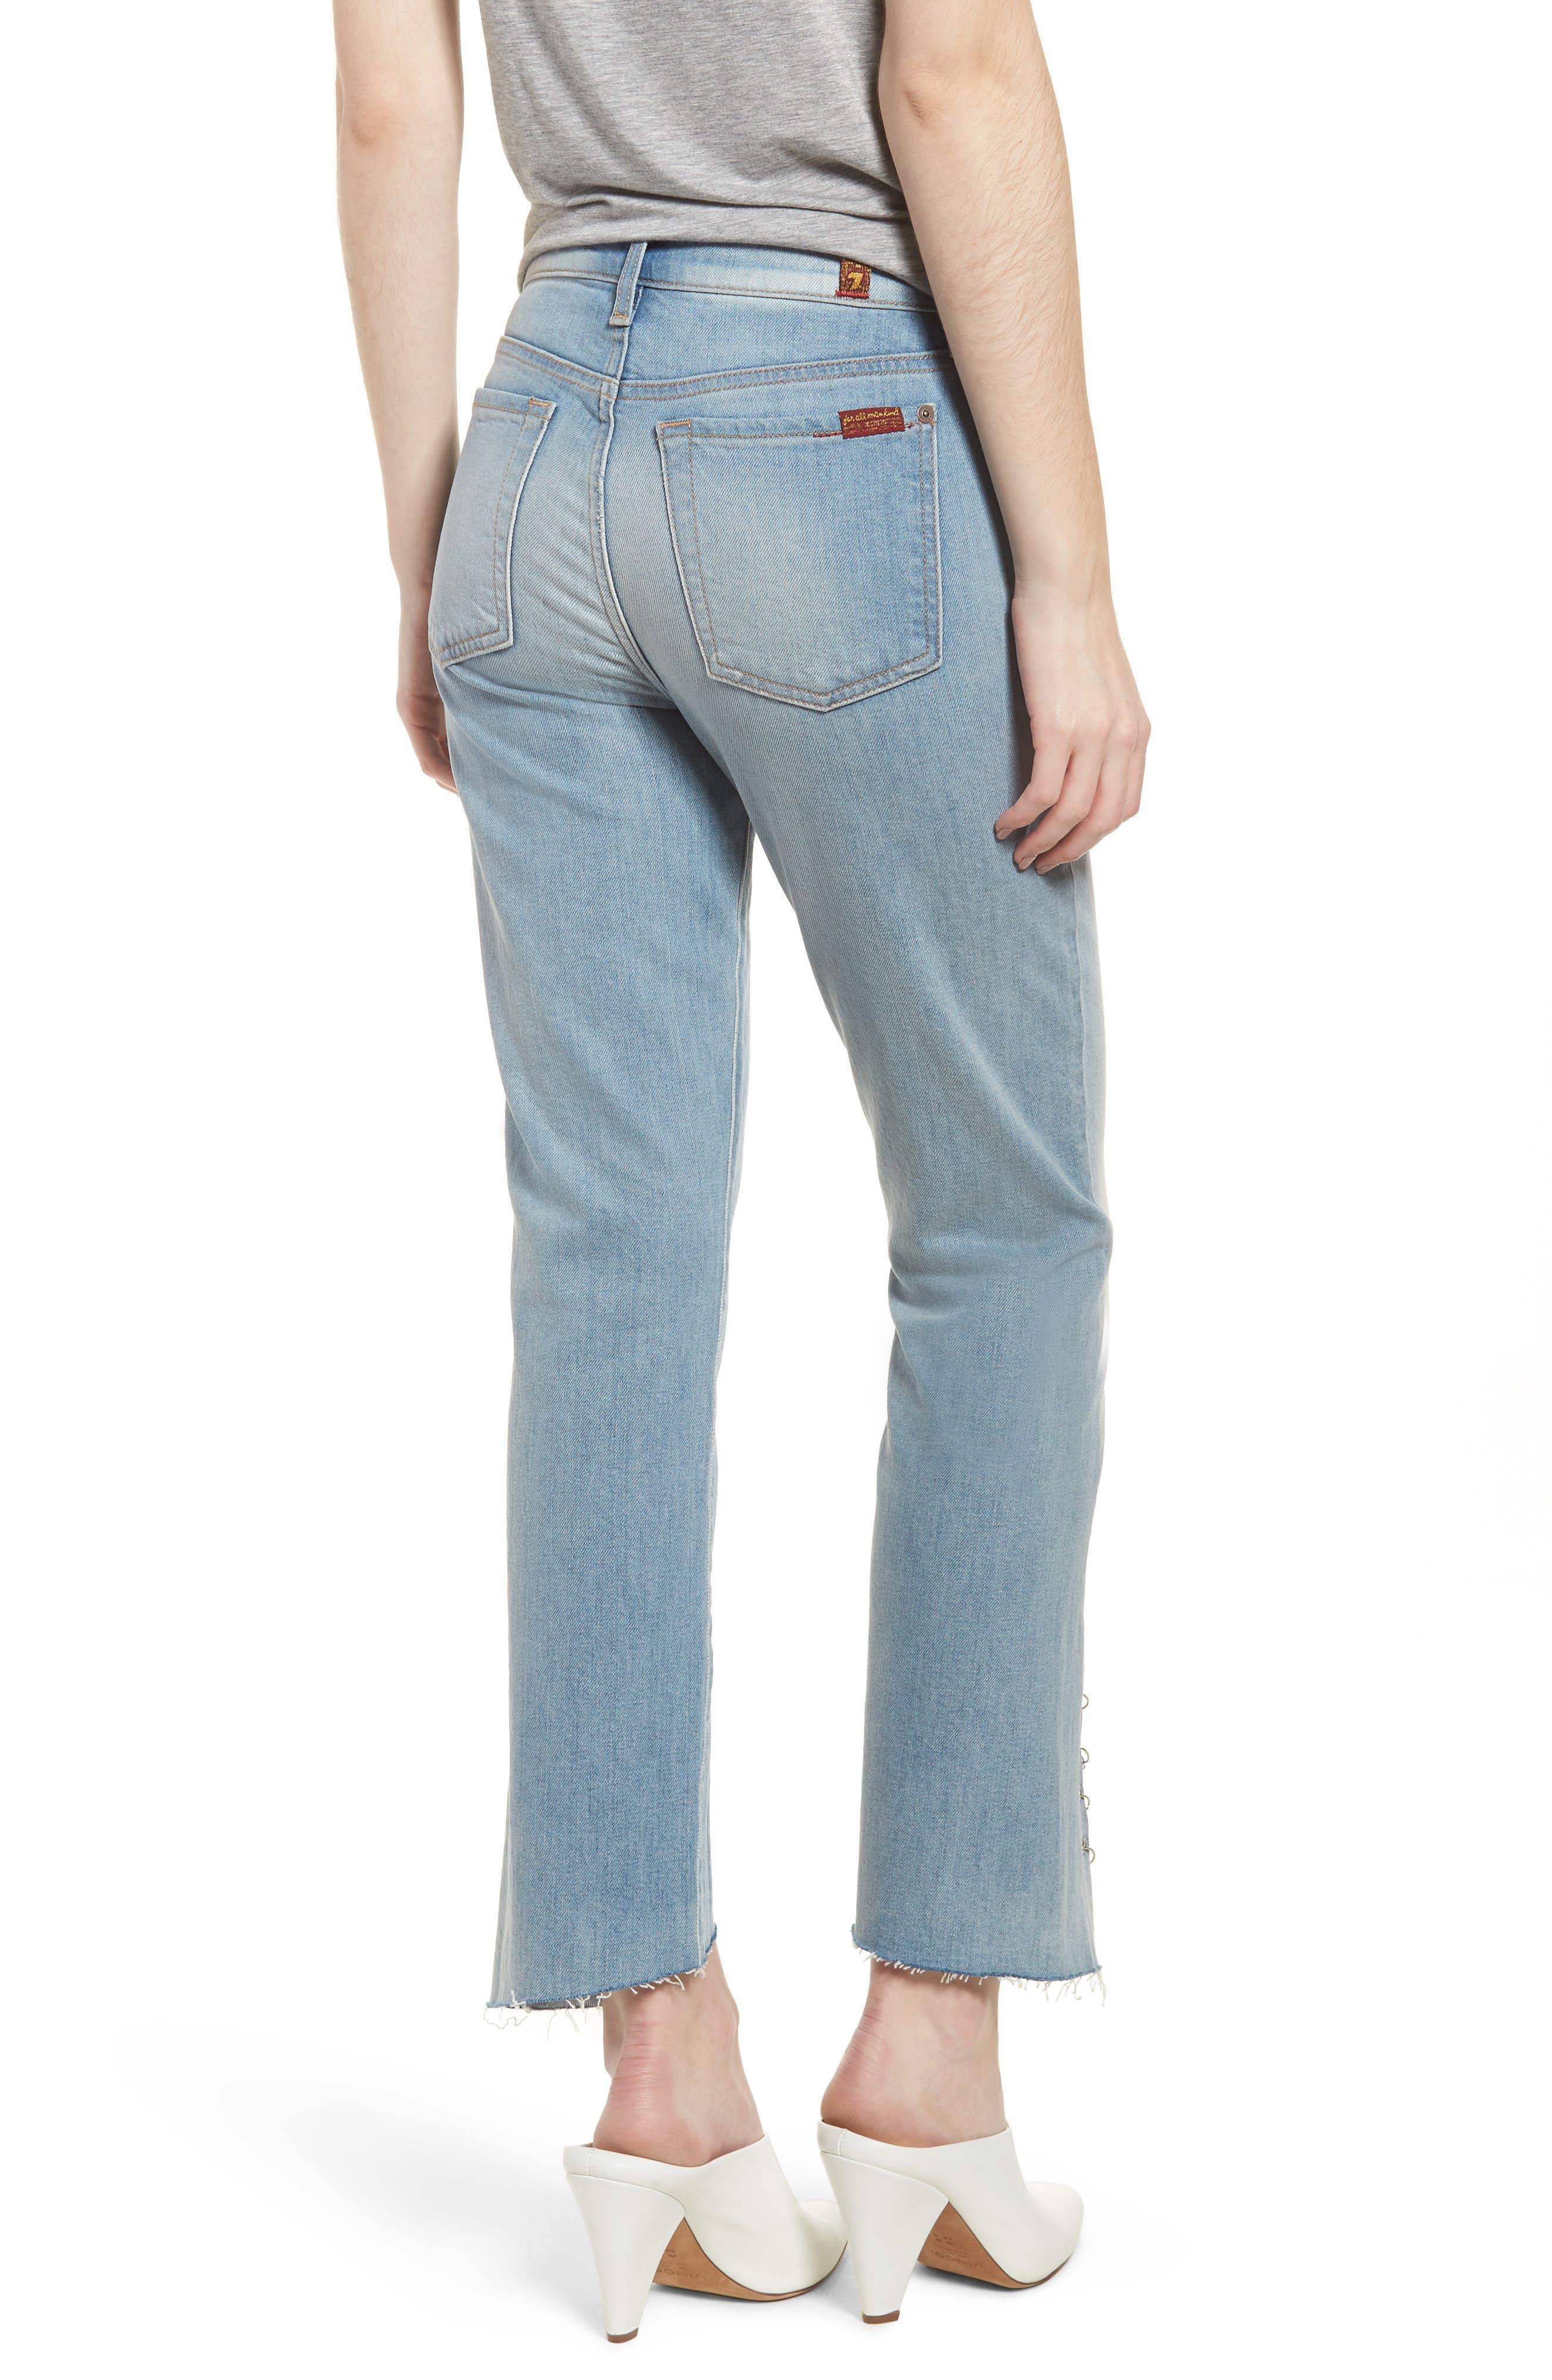 Edie Grommet & Rings Seam Crop Jeans,                             Alternate thumbnail 2, color,                             Light Riviera